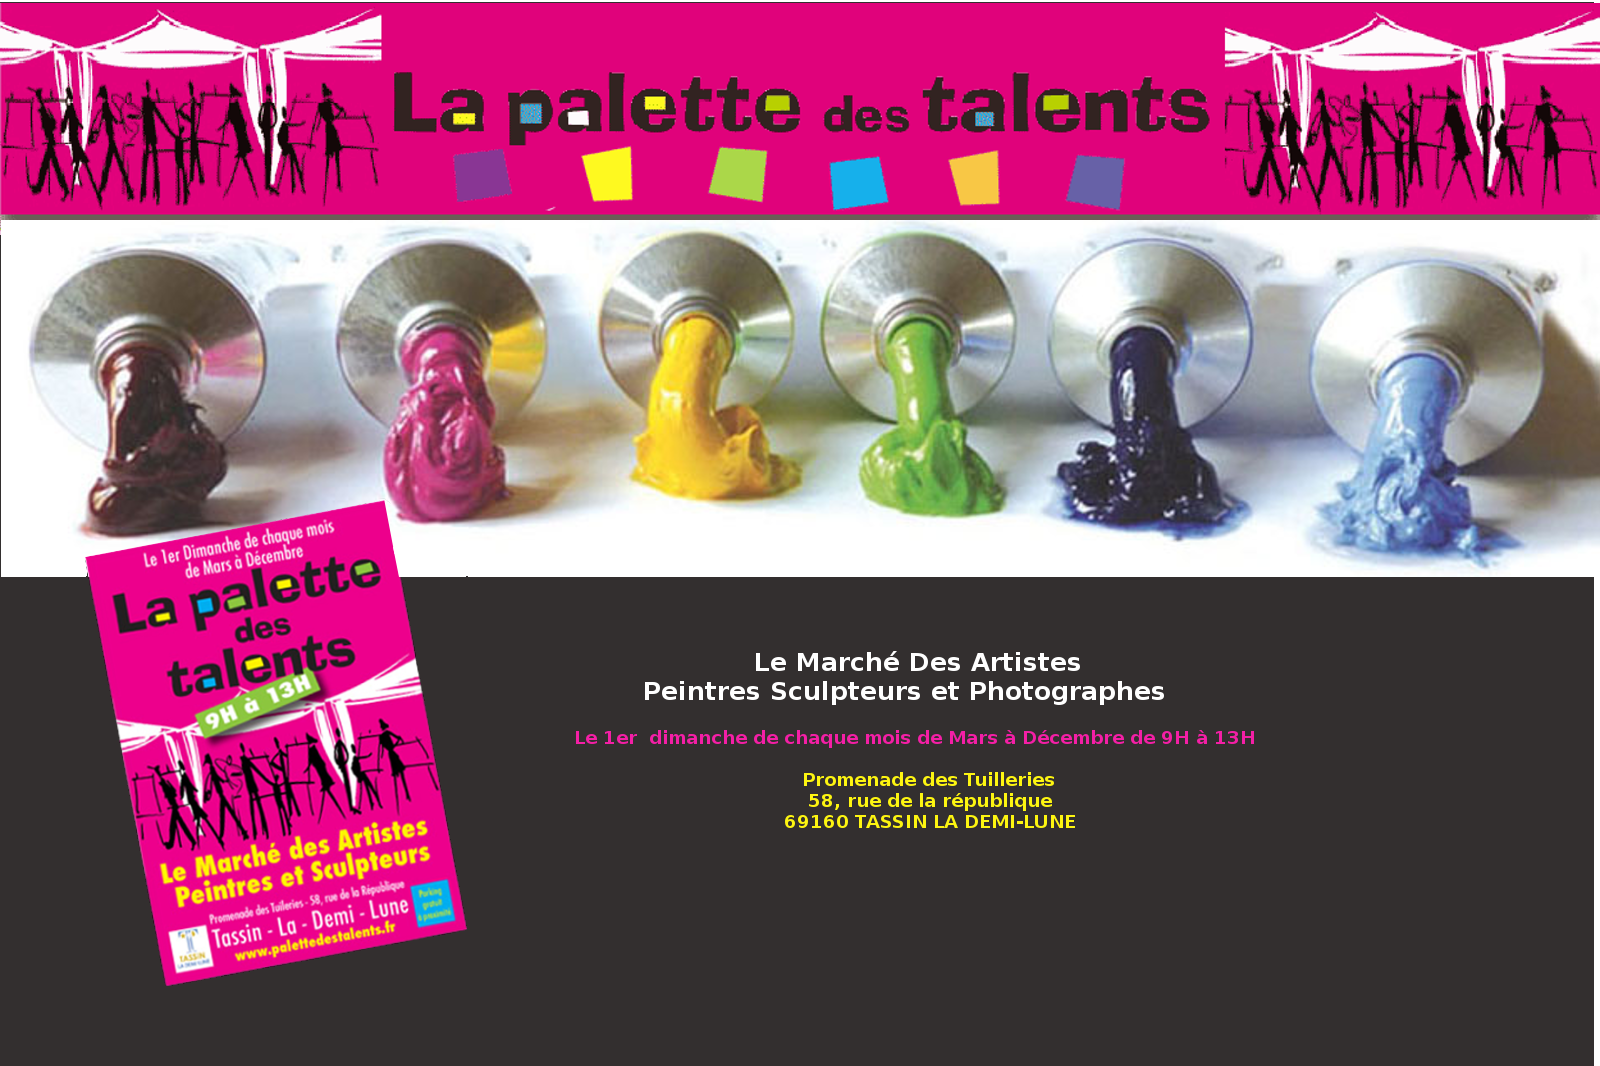 La palette des talents